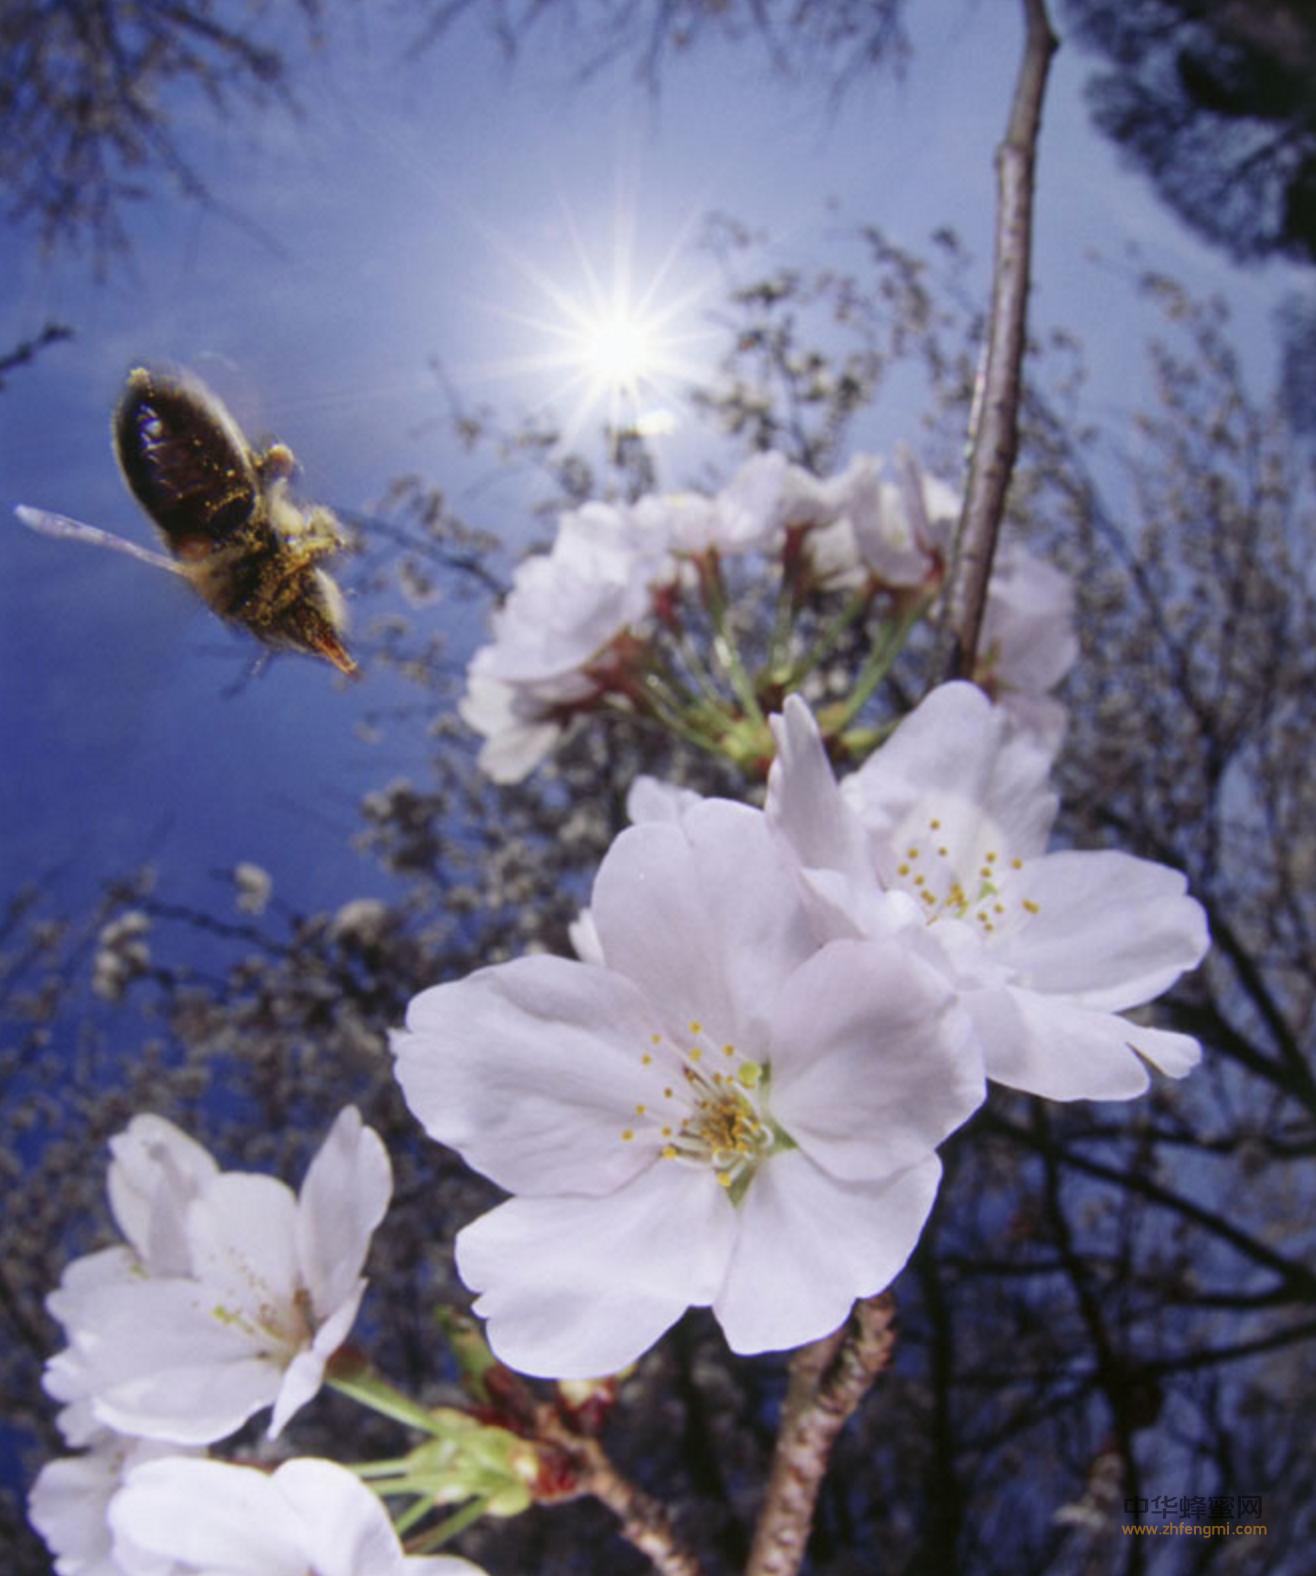 蜂毒 蜂毒提纯 蜂毒提炼 蜂毒脱脂